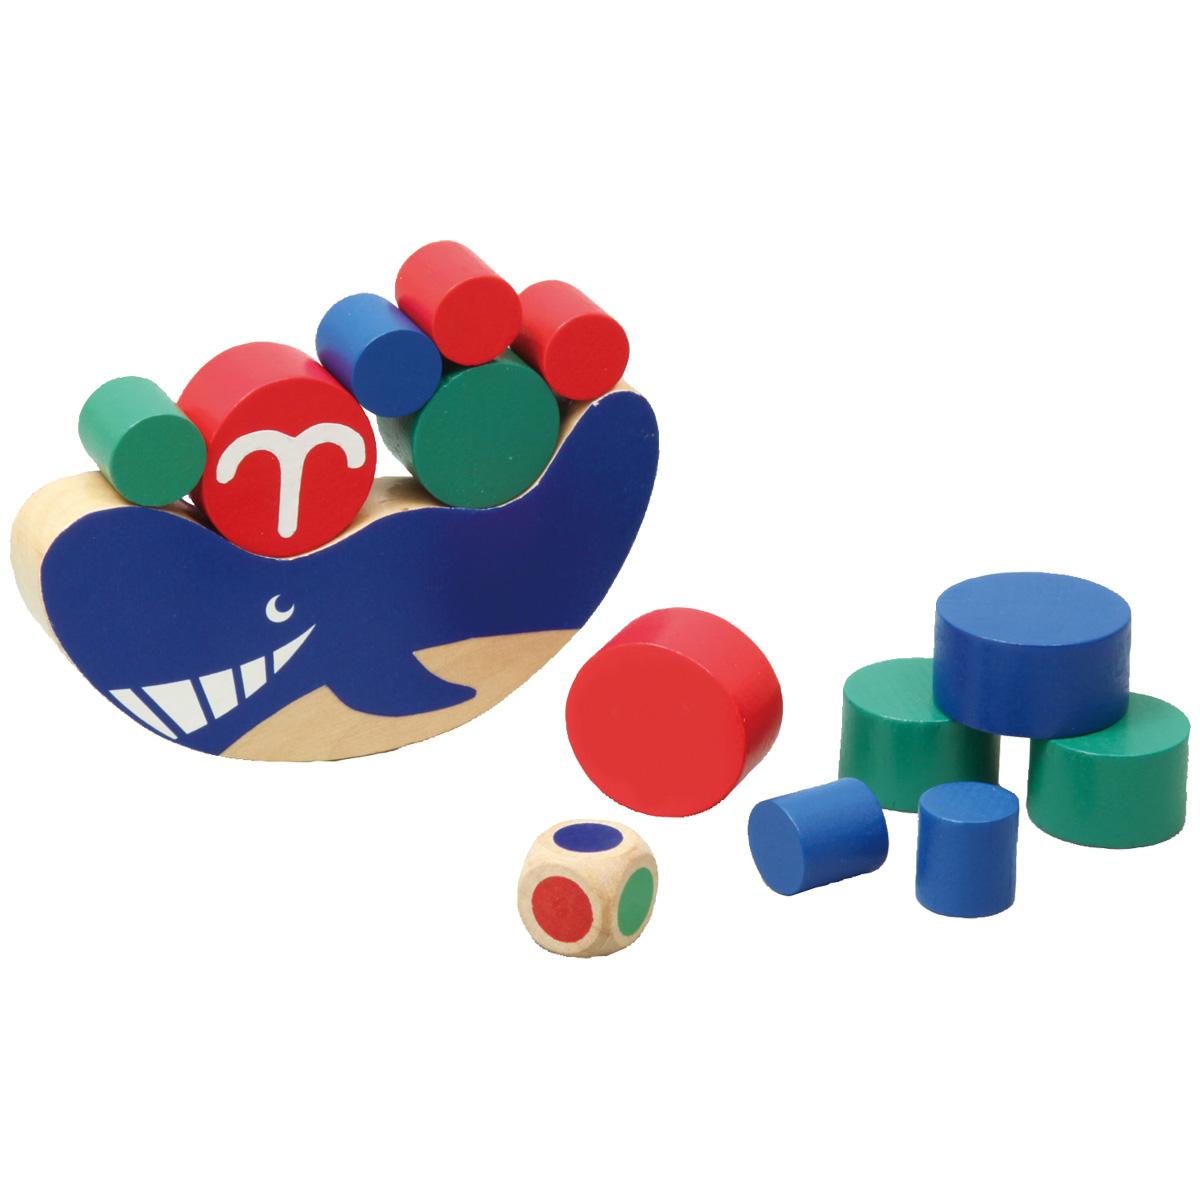 クジラバランス ゲーム バランスゲーム 【木製玩具 木のおもちゃ 知育玩具 3歳 4歳 5歳 6歳 子供 幼児】 クリスマスプレゼント